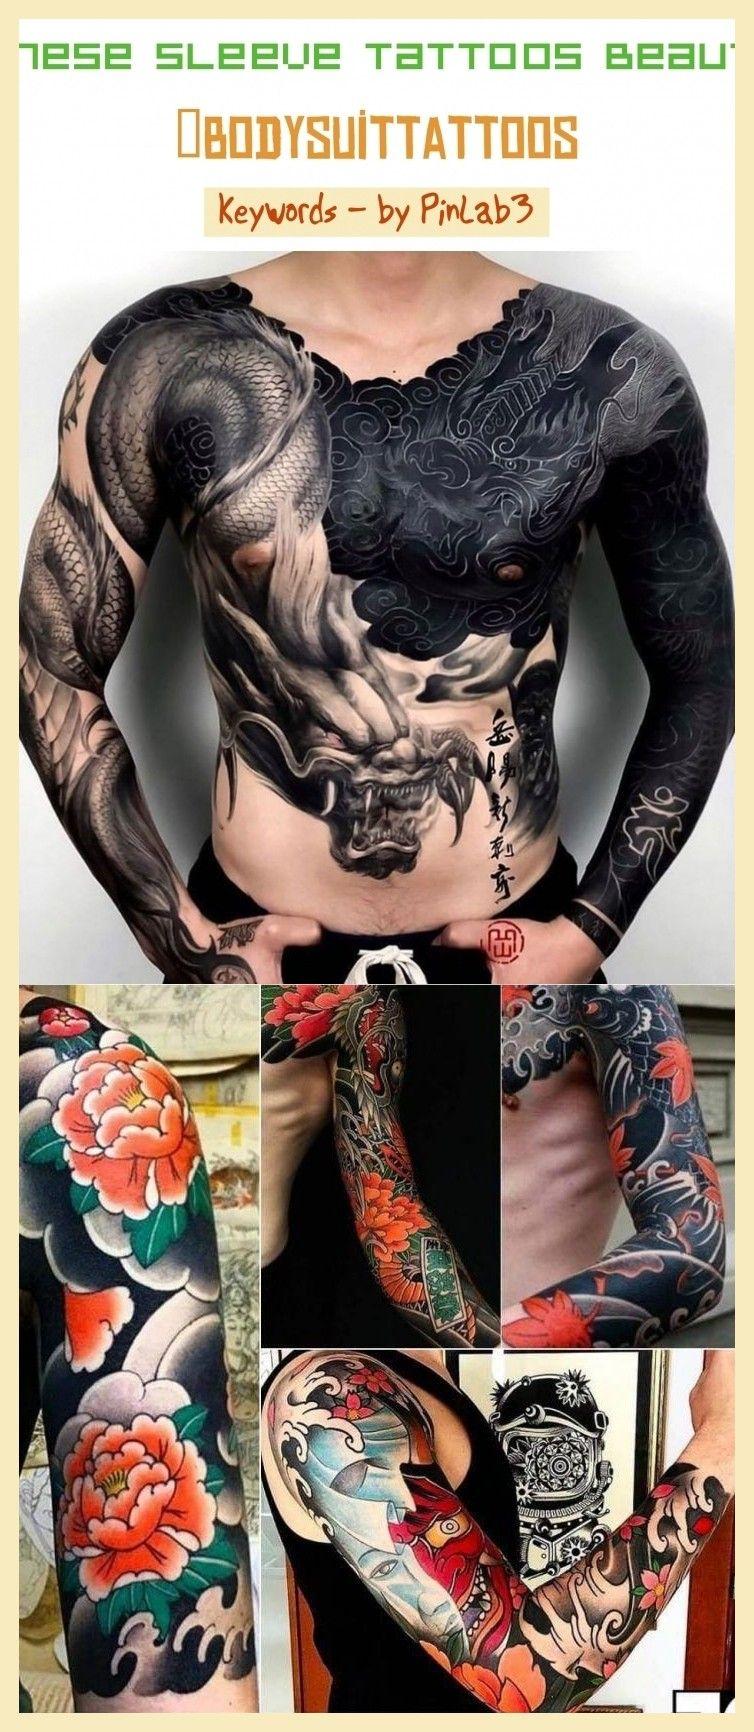 Japanese sleeve tattoos beautiful japanische Ärmeltattoos schön & tatouages japonais manches magnifiques & tatuajes japoneses